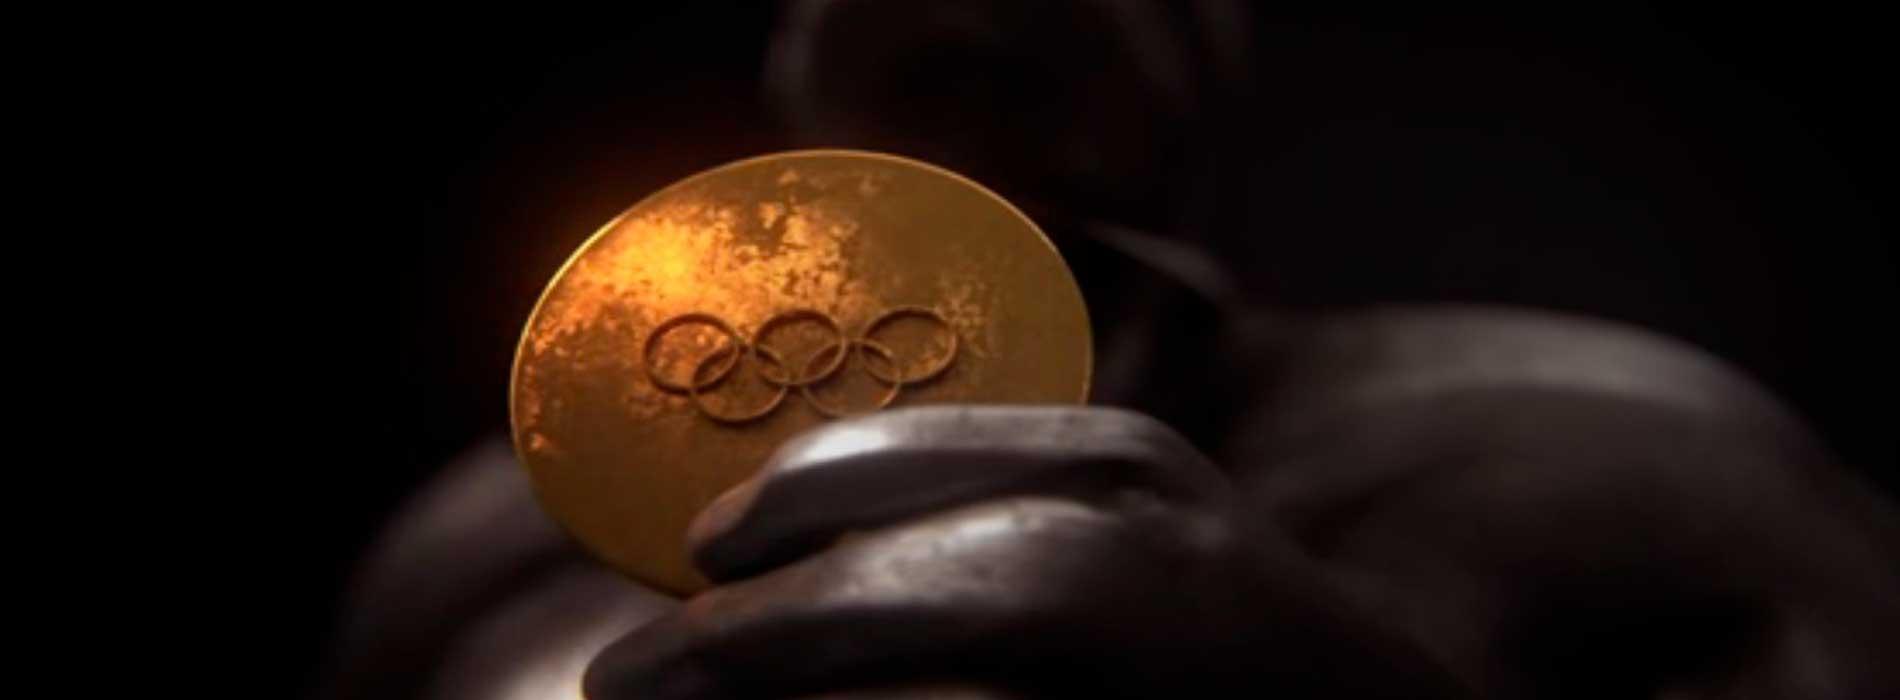 Medalla de oro de los olímpicos sostenida por una estatua ilustrada en la serie 'el efecto mariposa'